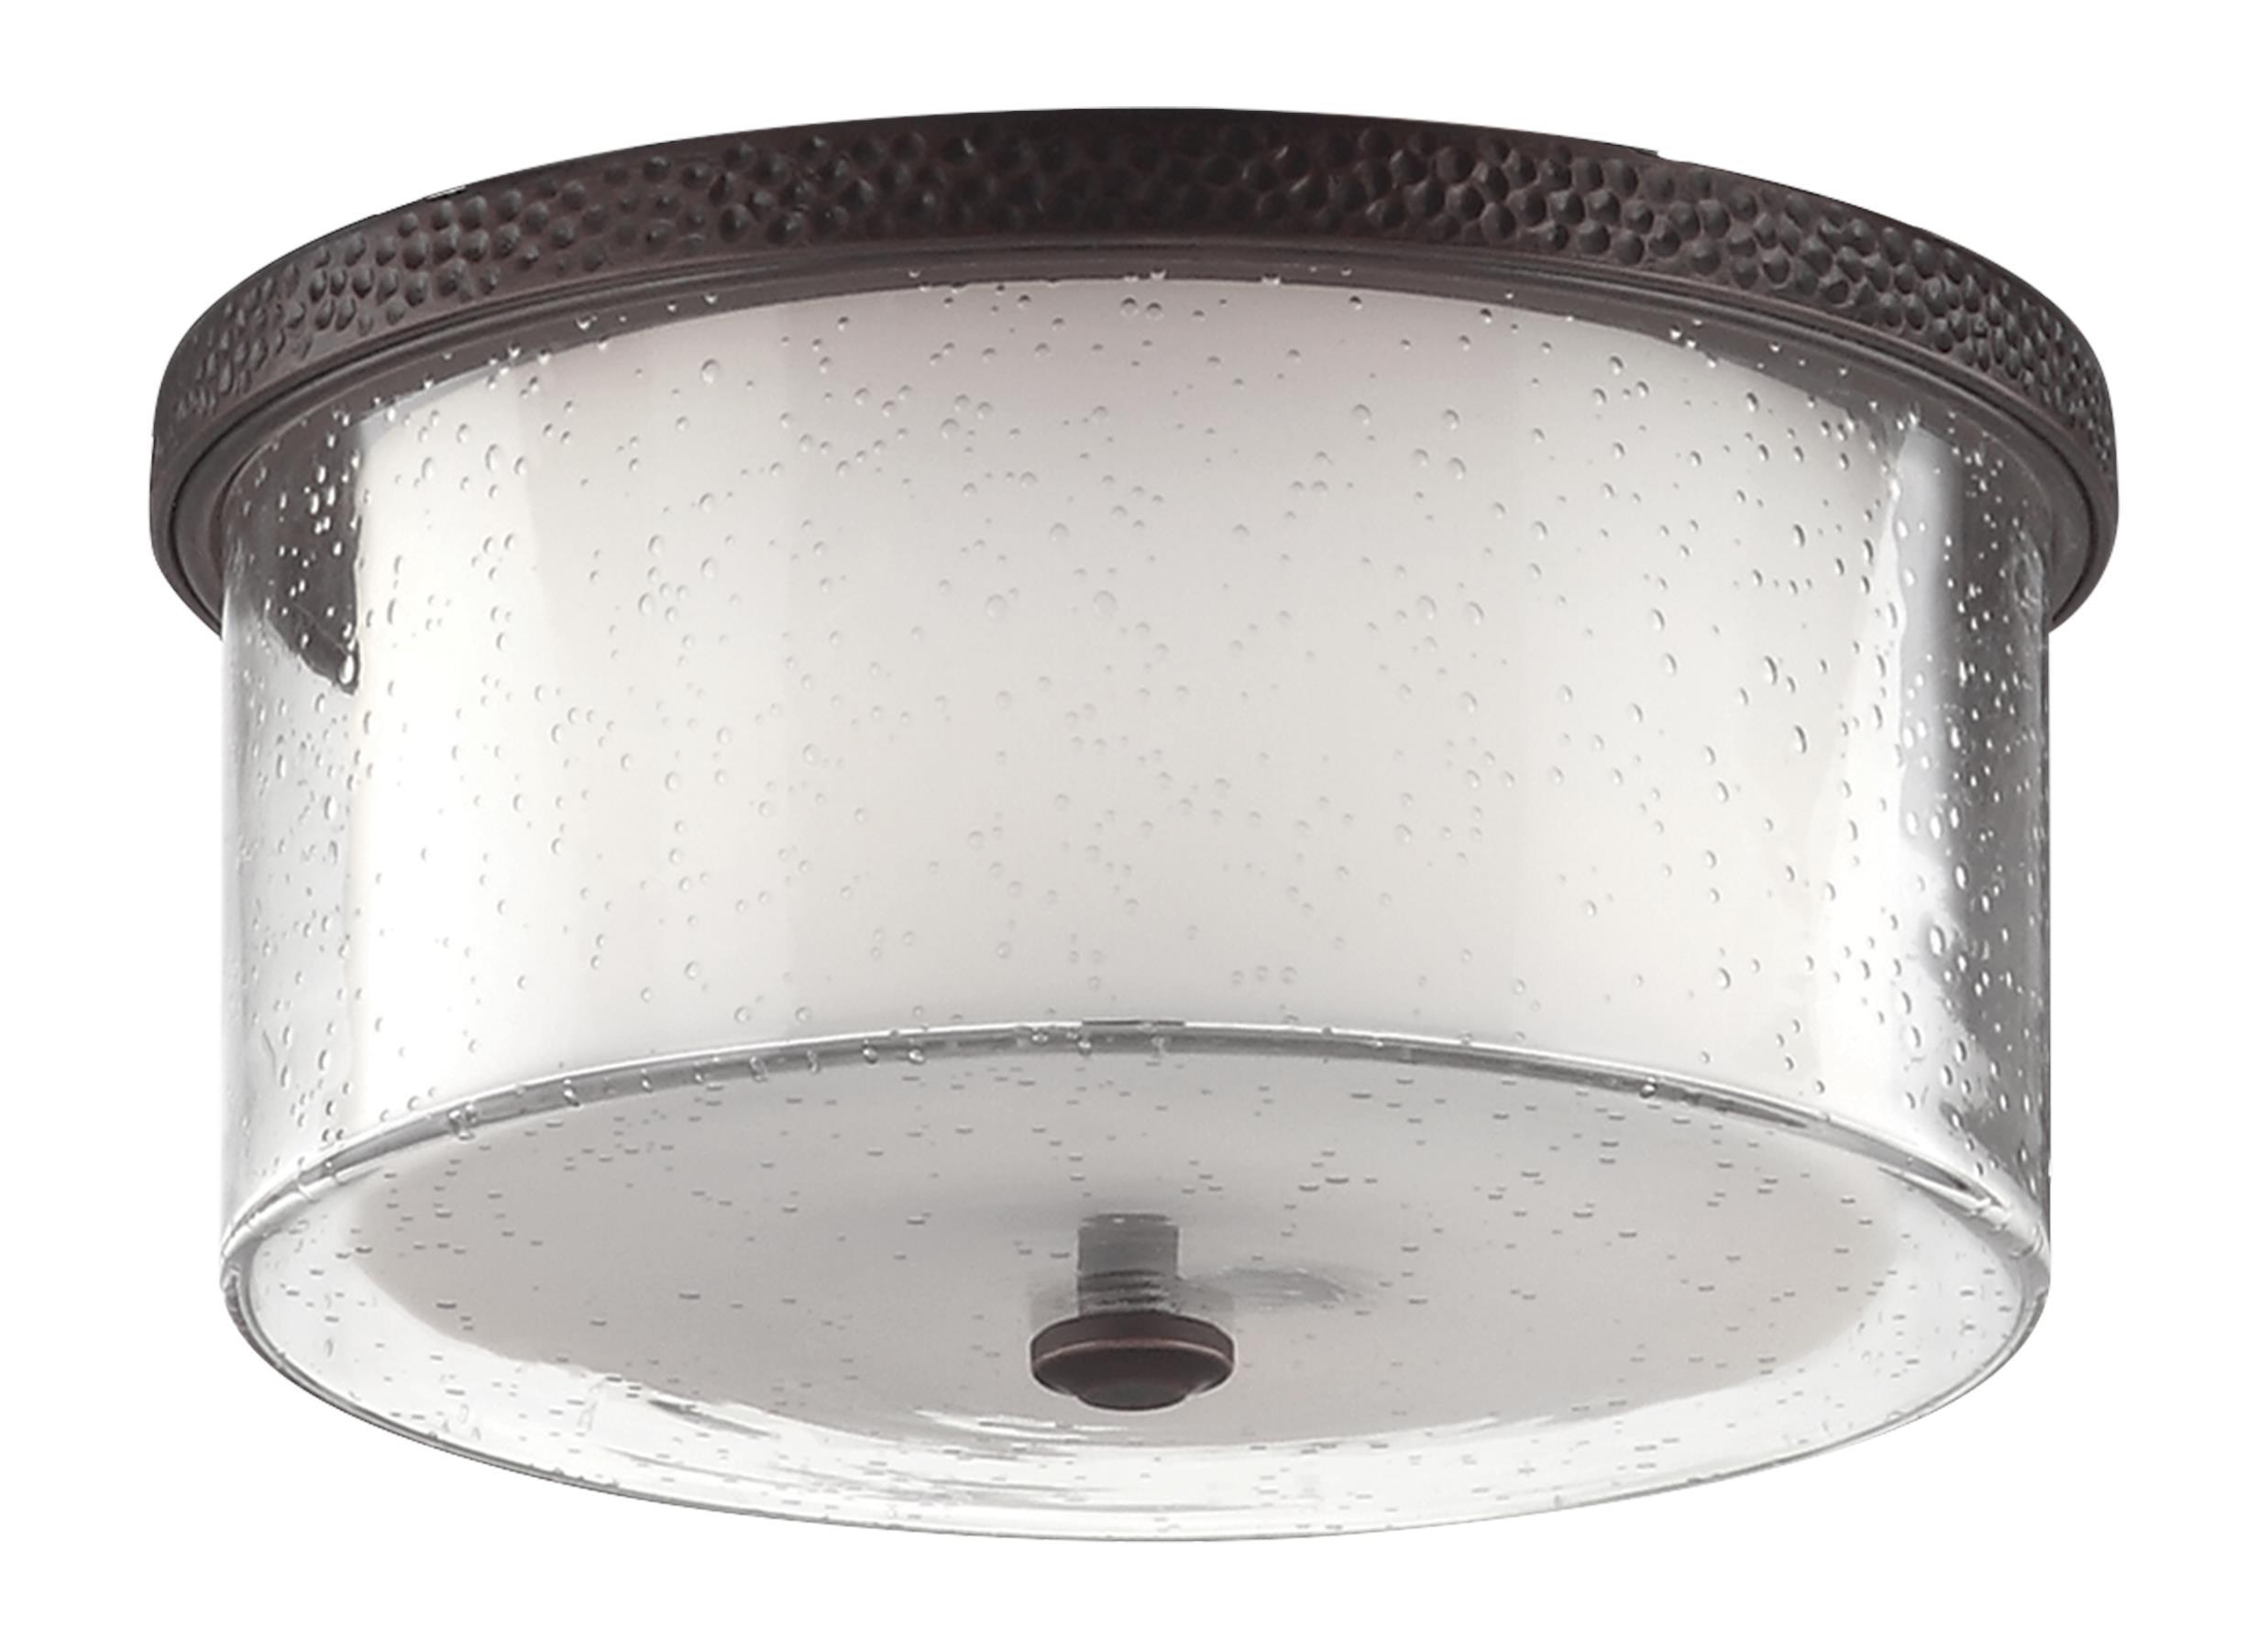 Monte Carlo Ceiling Fan Light Kit: Loading zoom,Lighting